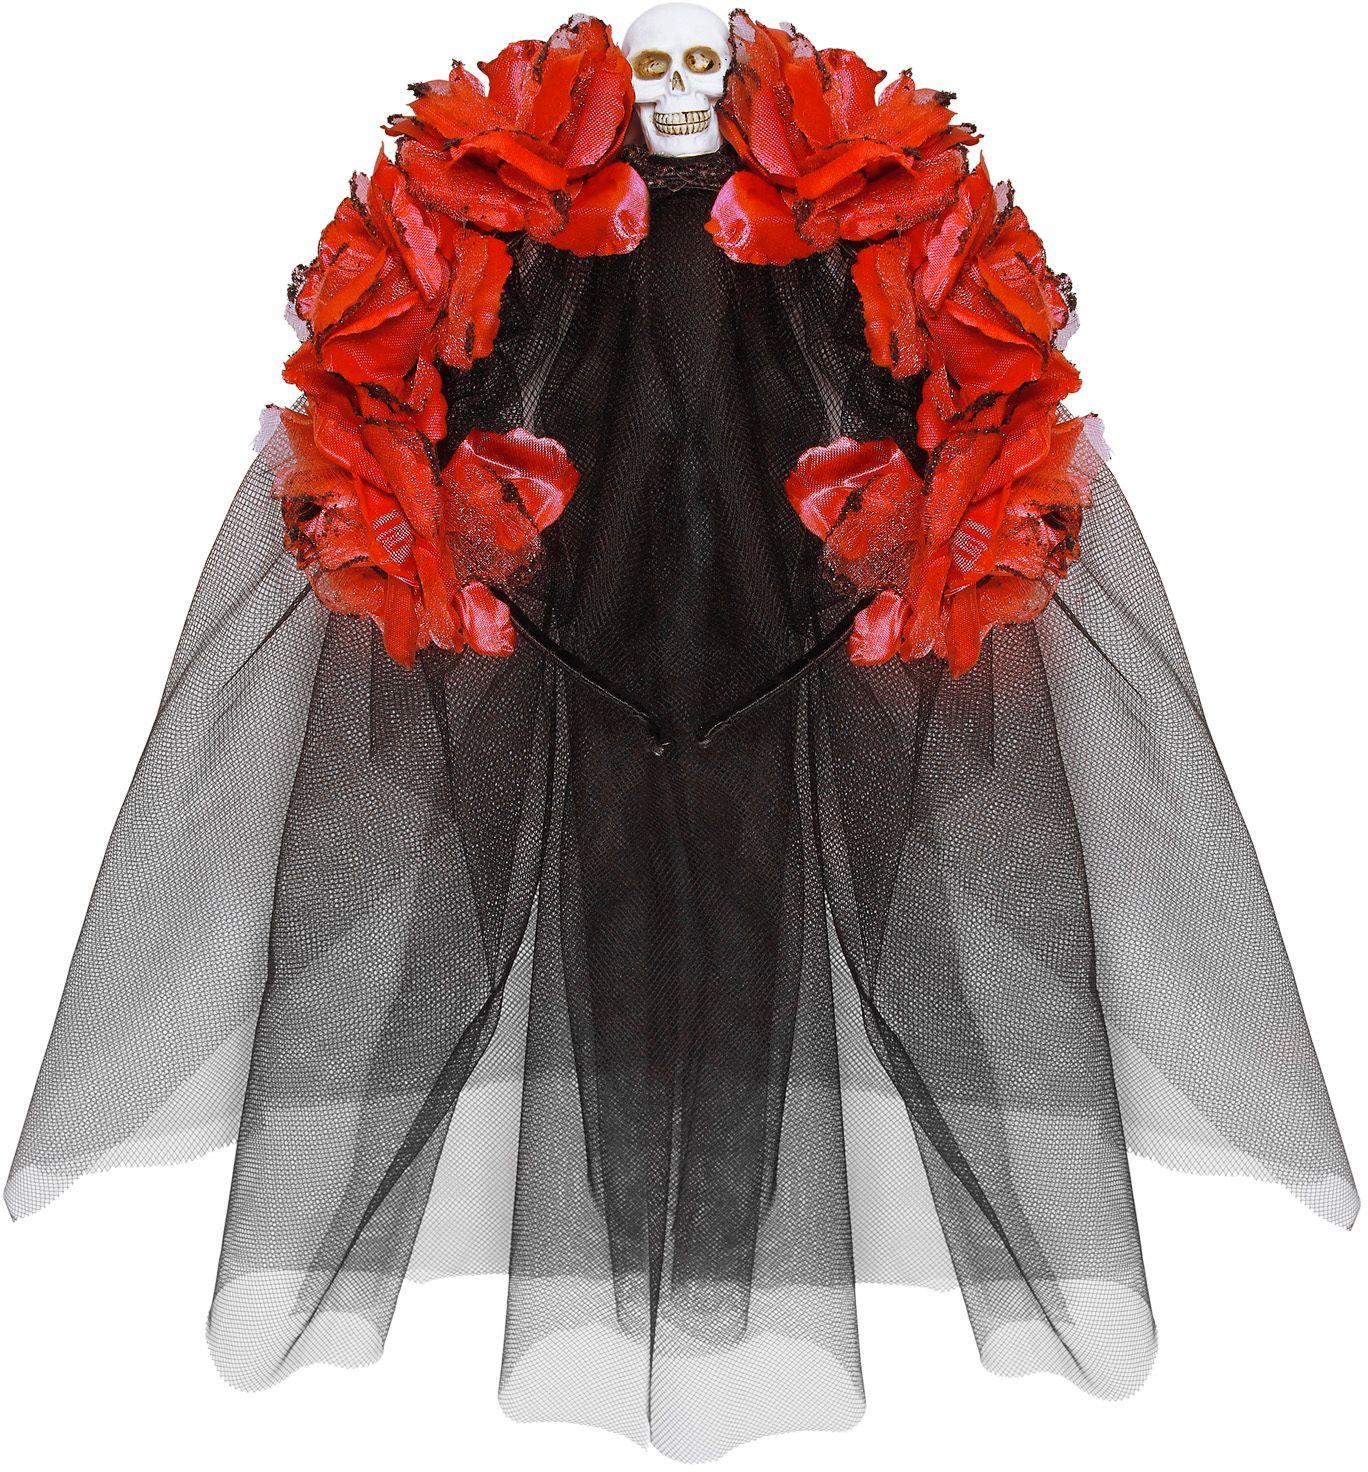 Dia de los muertos hoofdband met rode rozen